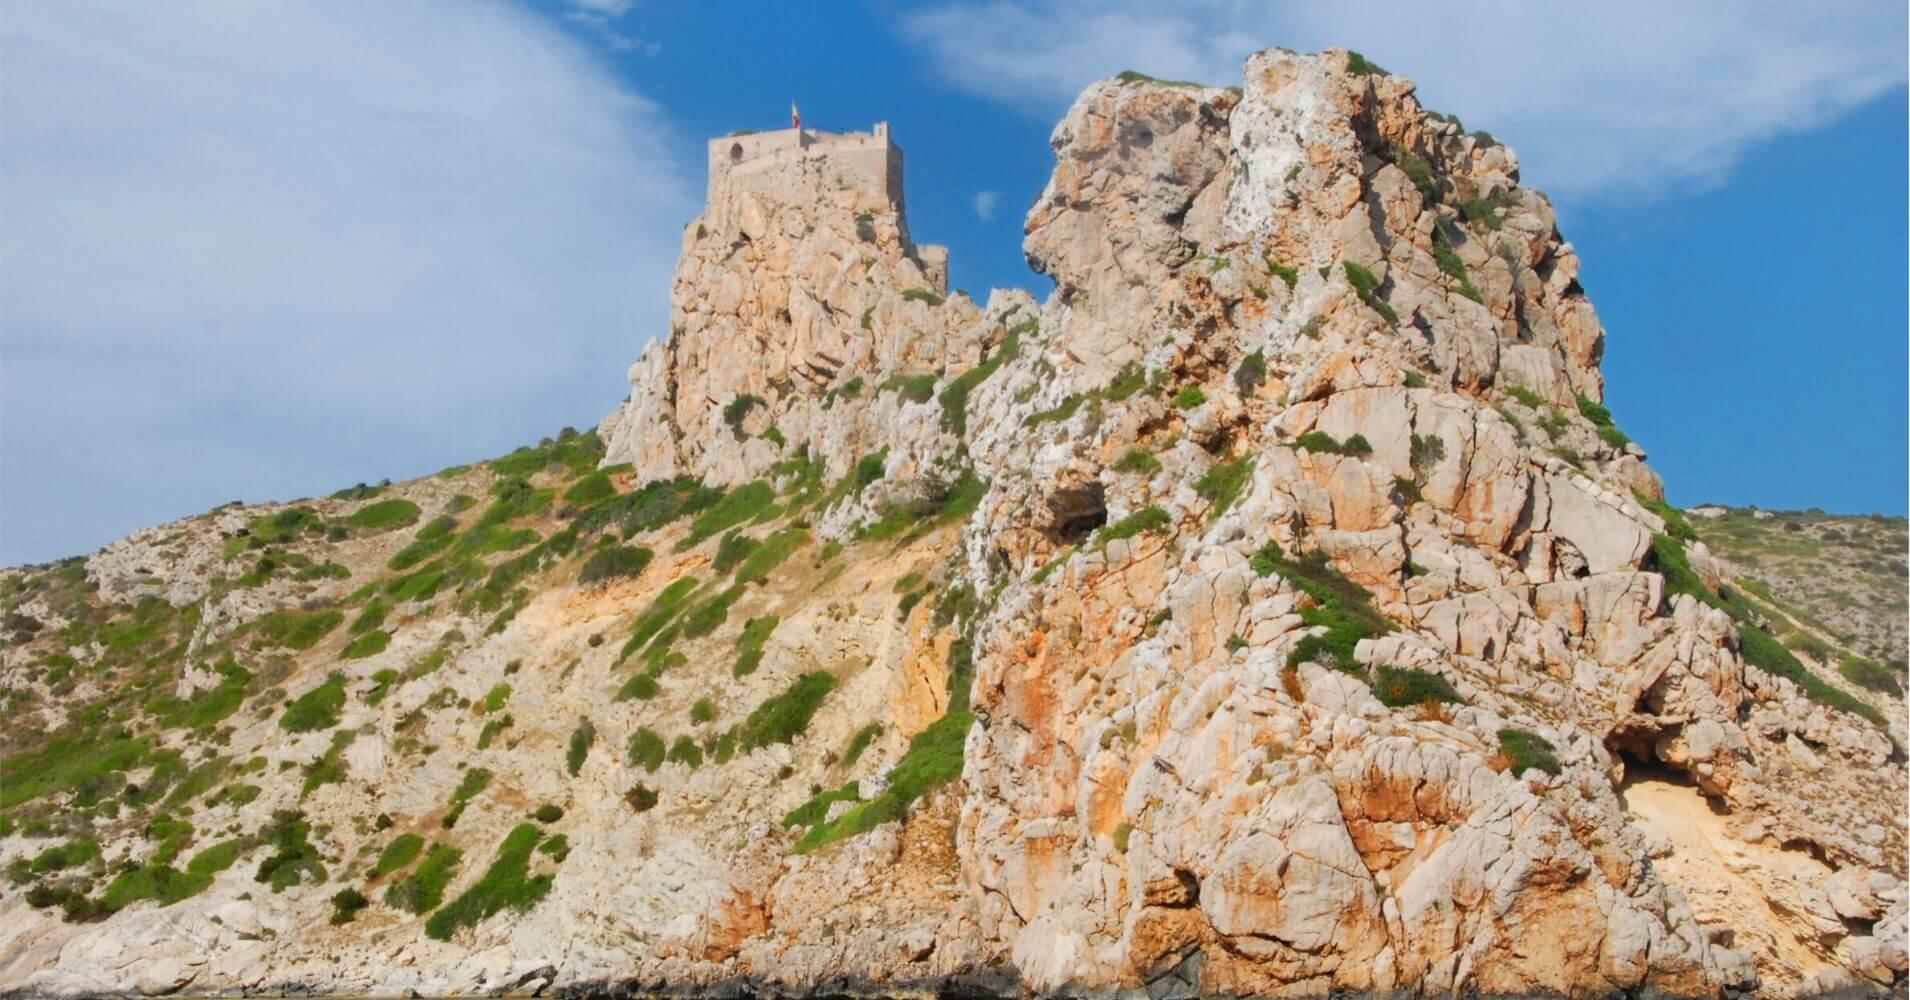 Parque Nacional Marítimo Terrestre. Islas Baleares.